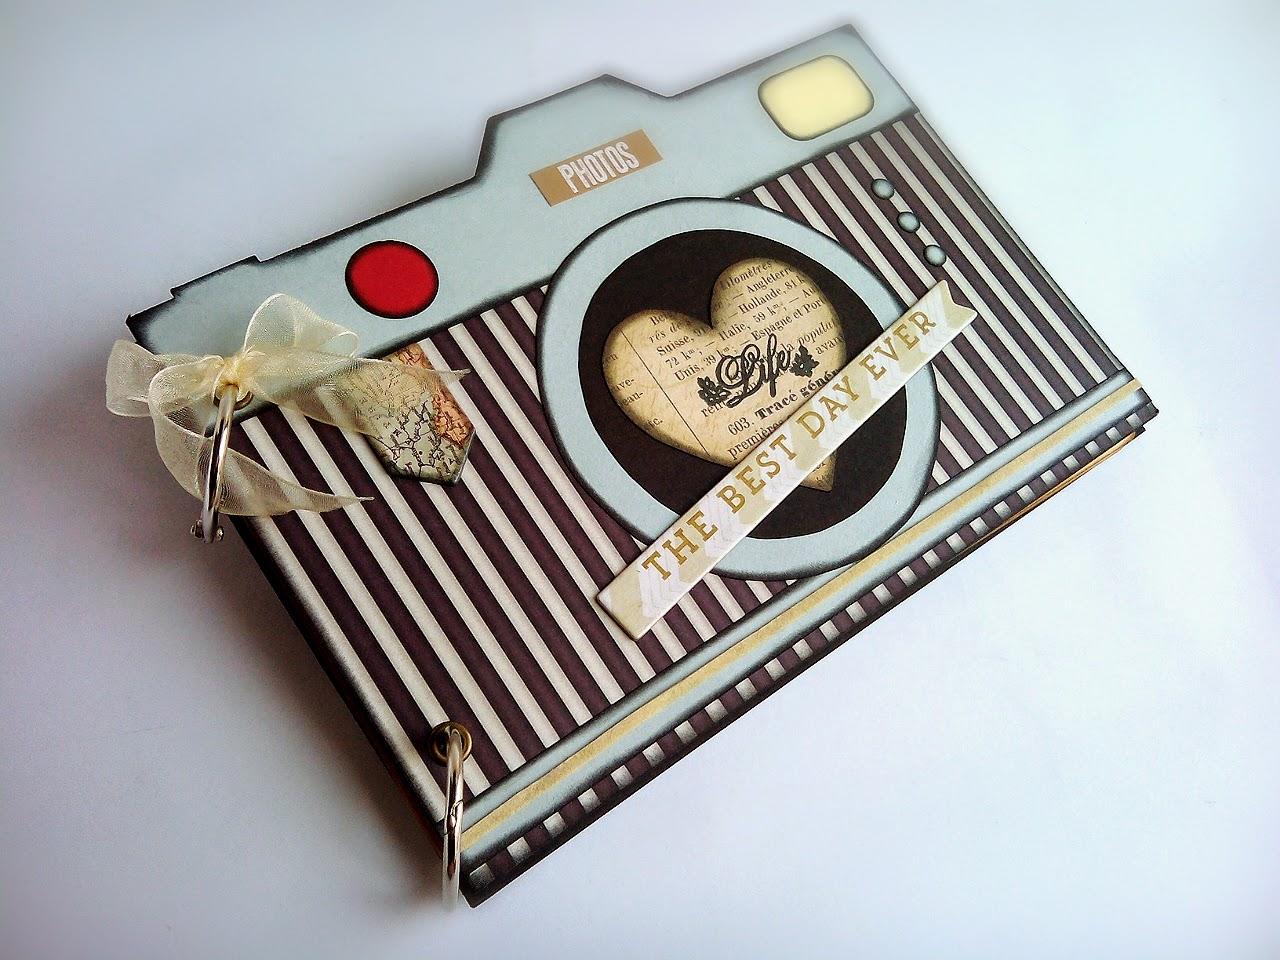 Como Hacer Un Album De Fotos Original: Arte Nath: Album Fashion Camera